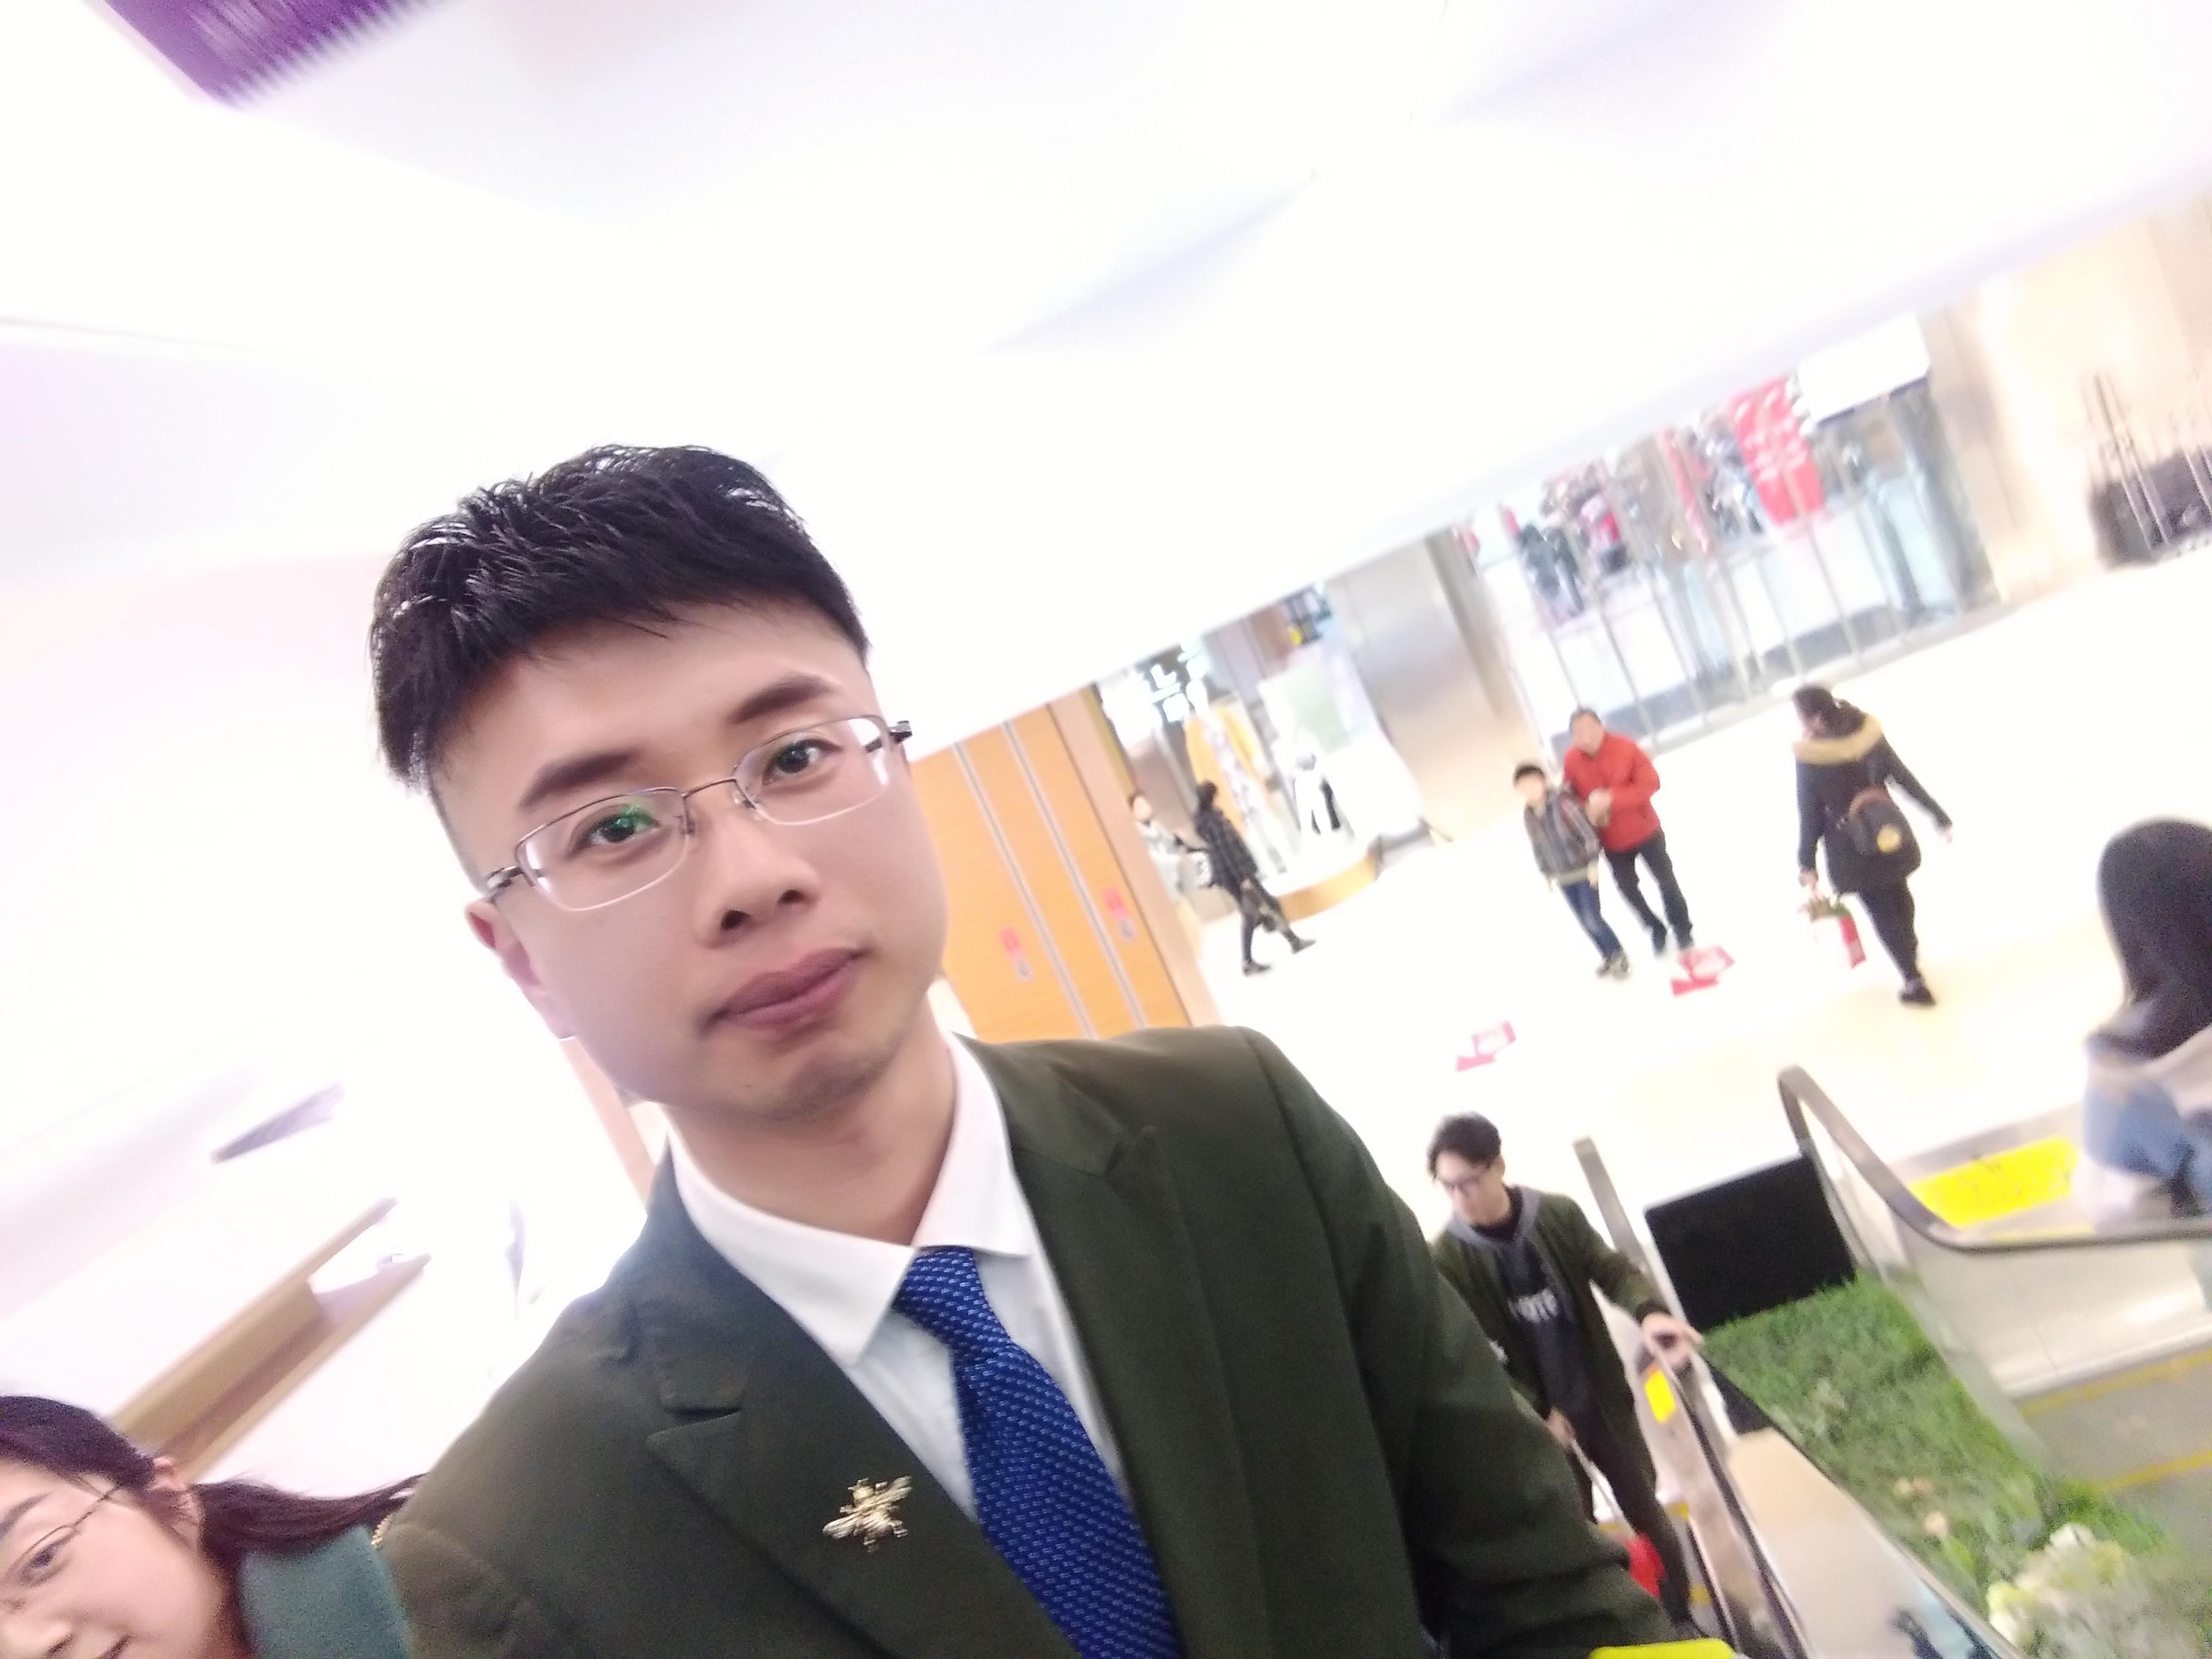 翩翩公子杨大侠,时尚才子文艺心:愿为诗一缕,浸润入君心